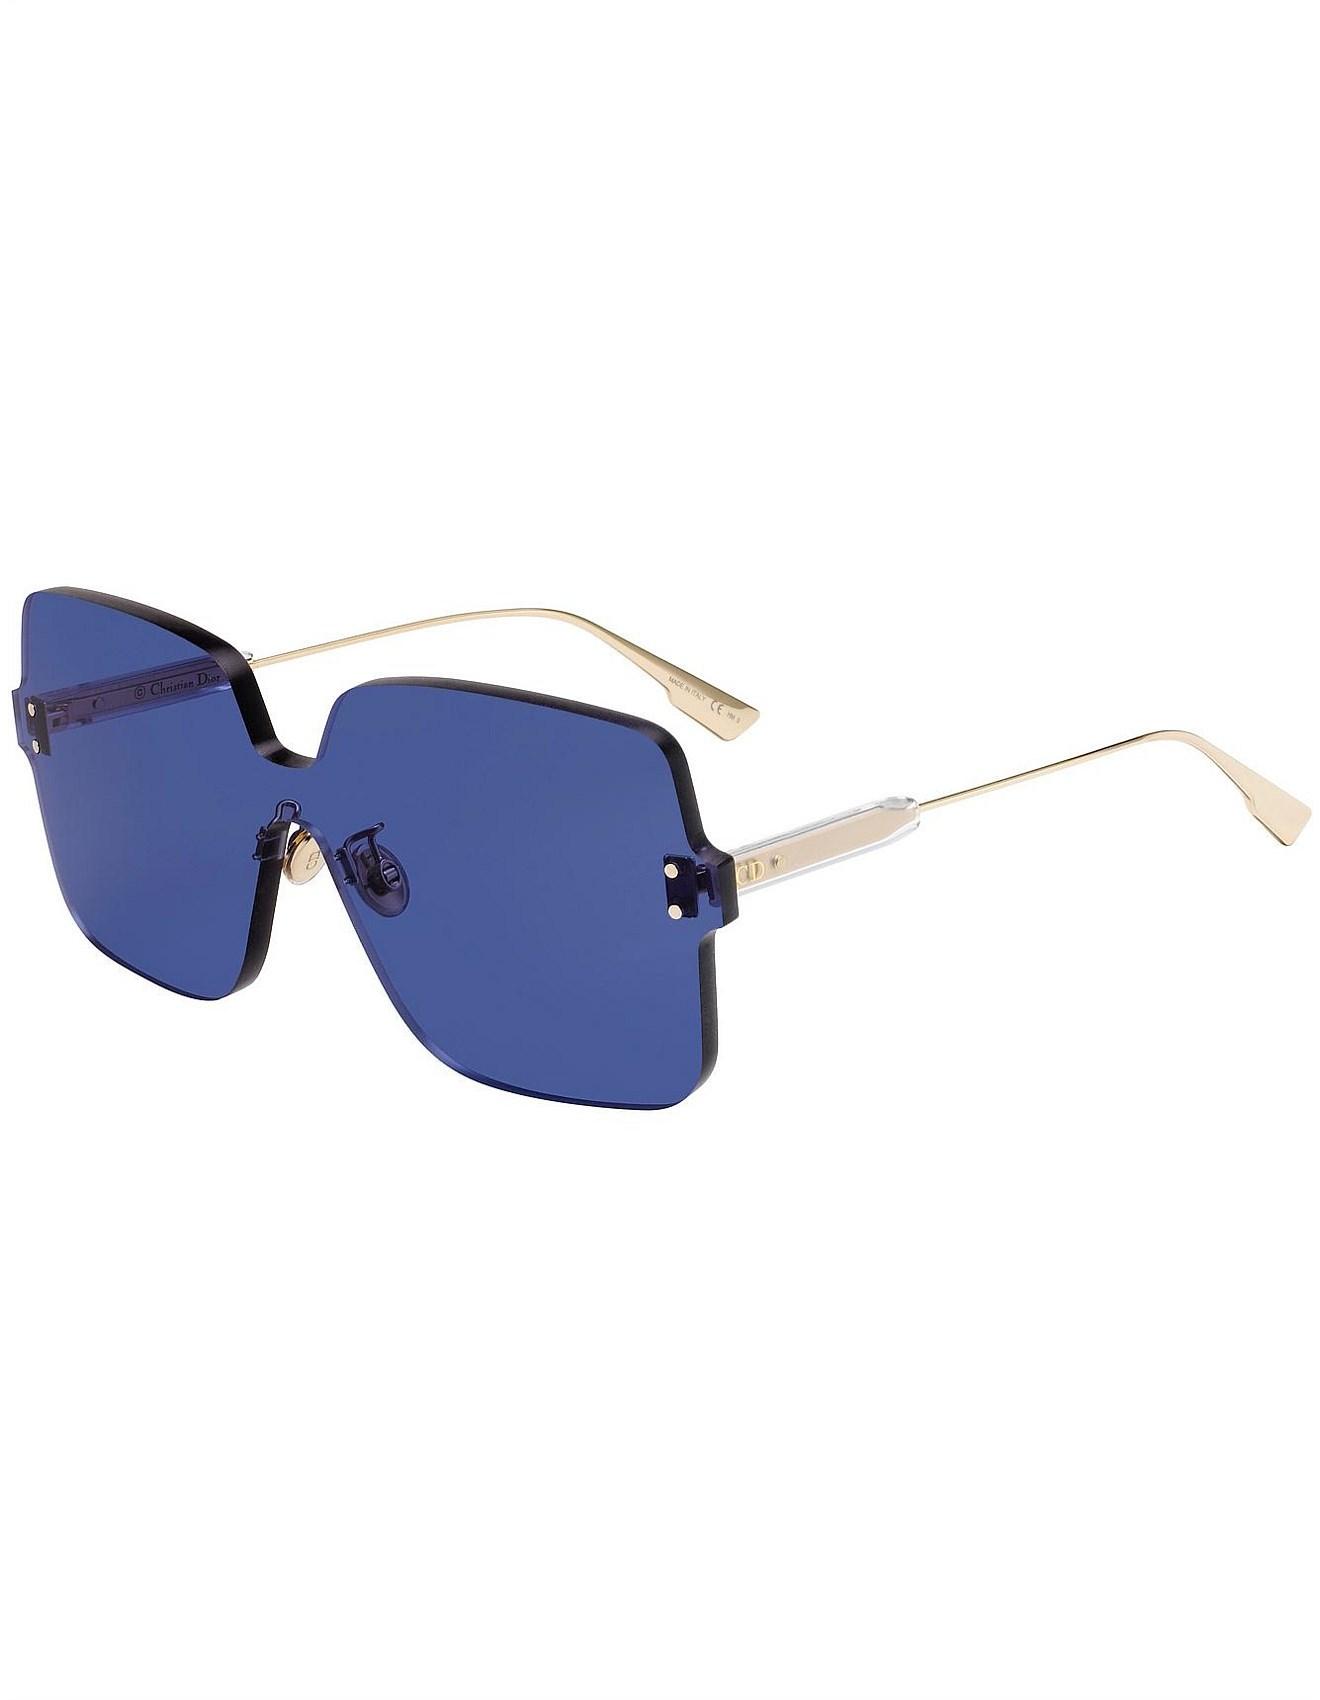 62bf6c7456 Color Quake Sunglasses. 1. Zoom. Christian Dior